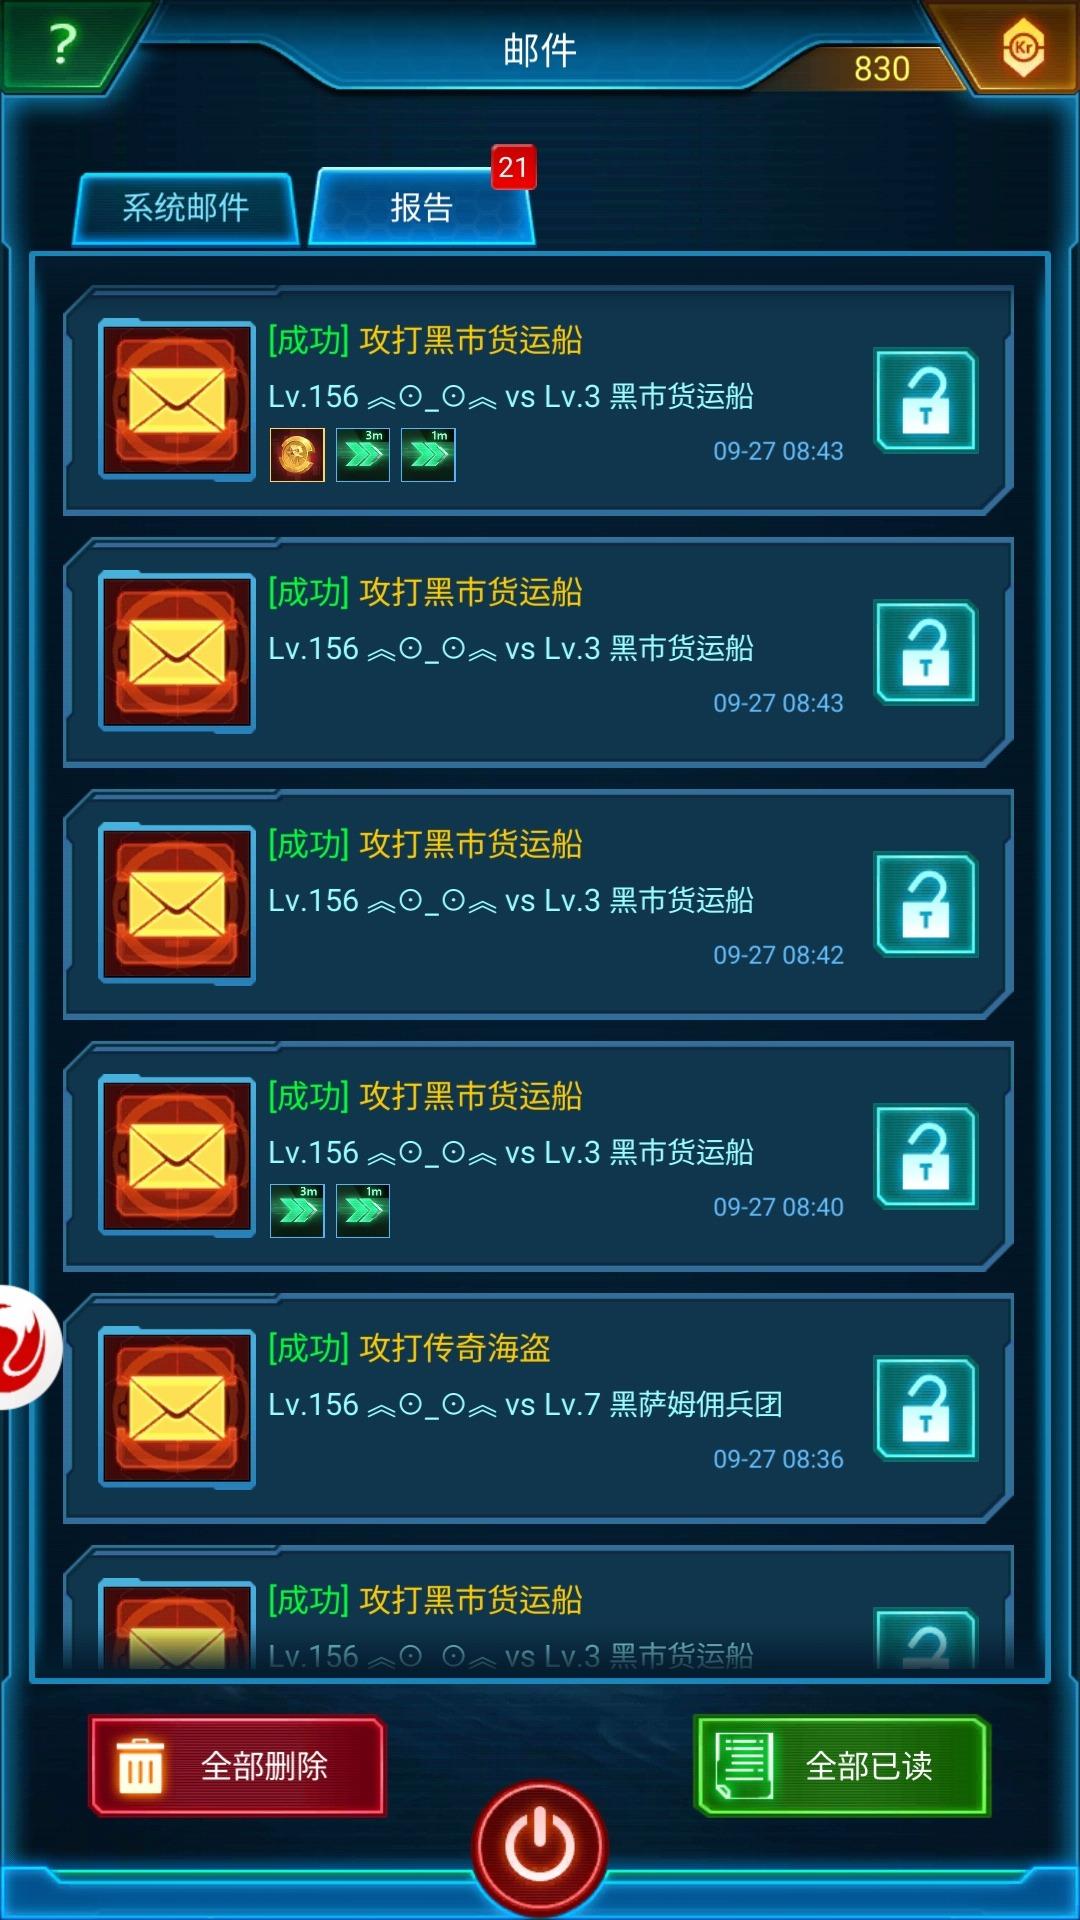 Screenshot_20190927-084402.jpg